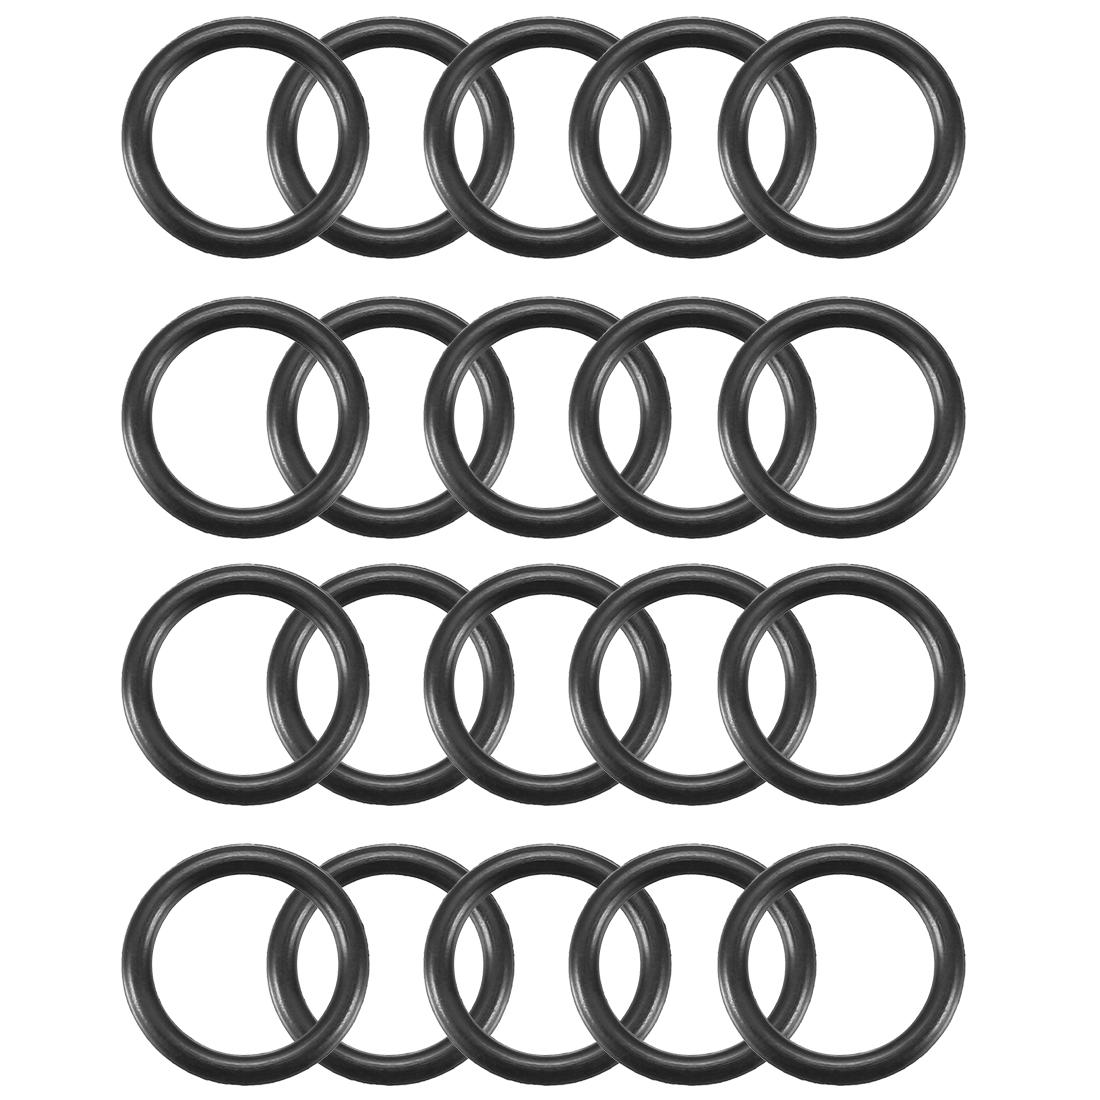 20pcs Black Nitrile Butadiene Rubber NBR O-Ring 8.5mm Inner Dia 1.5mm Width